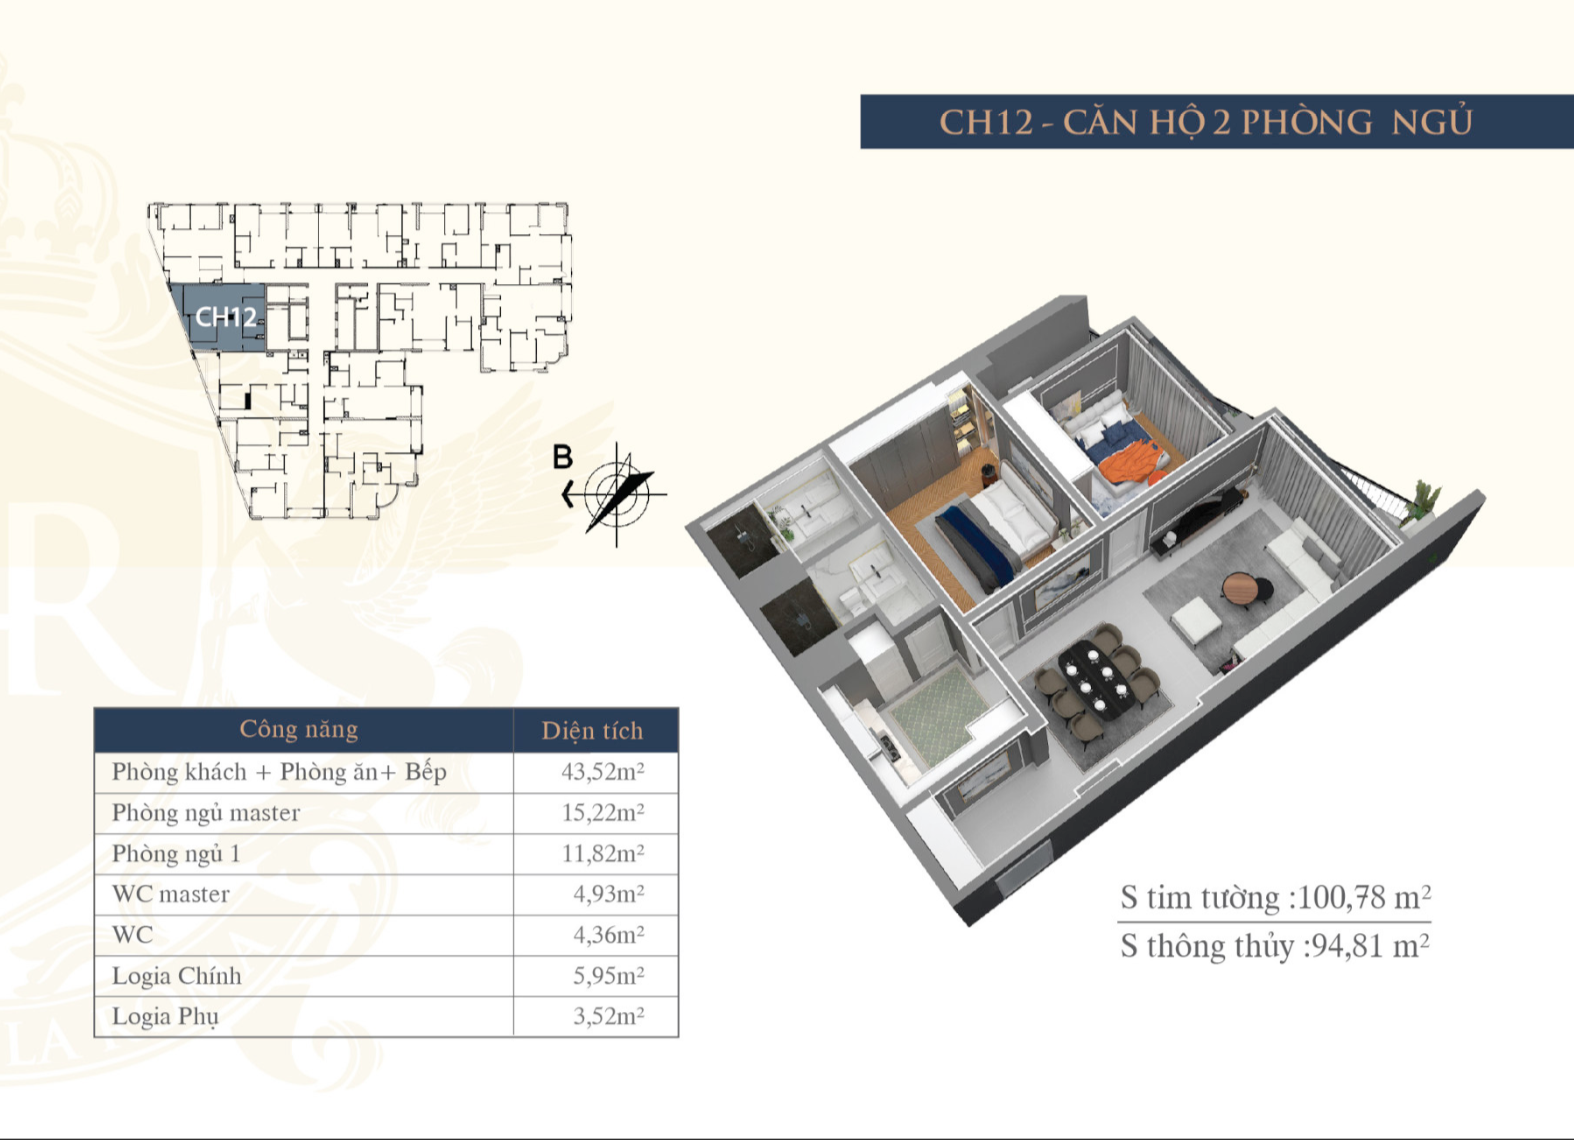 Mặt bằng chi tiết căn hộ CH12 Hateco Huỳnh Thúc Kháng